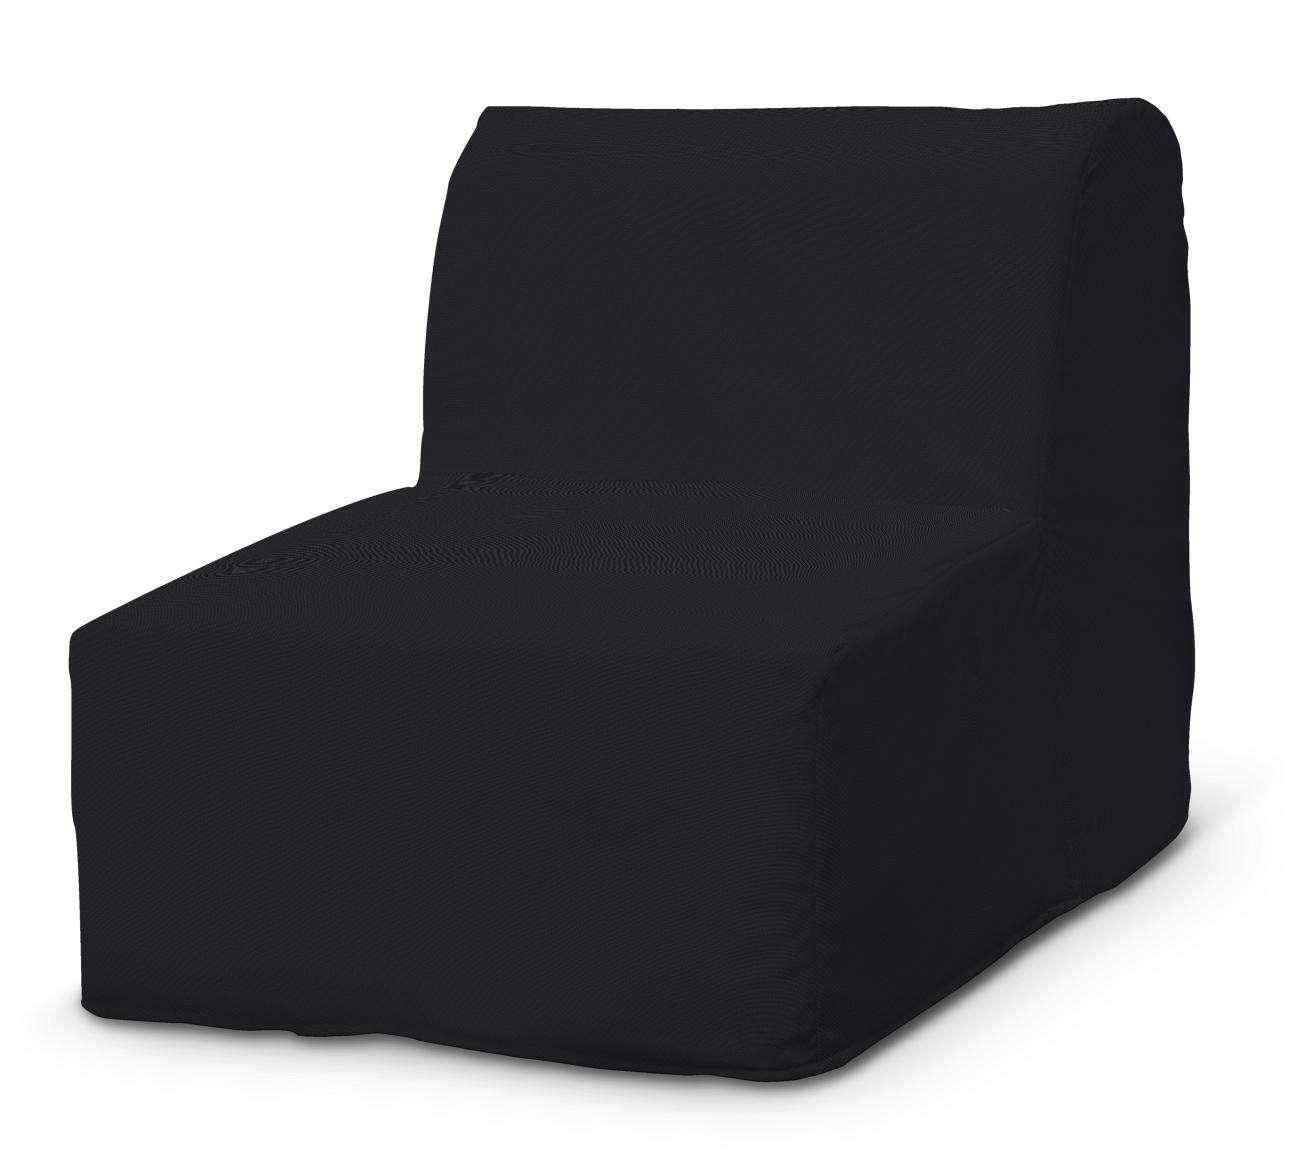 Lycksele fotelio užvalkalas kolekcijoje Etna , audinys: 705-00